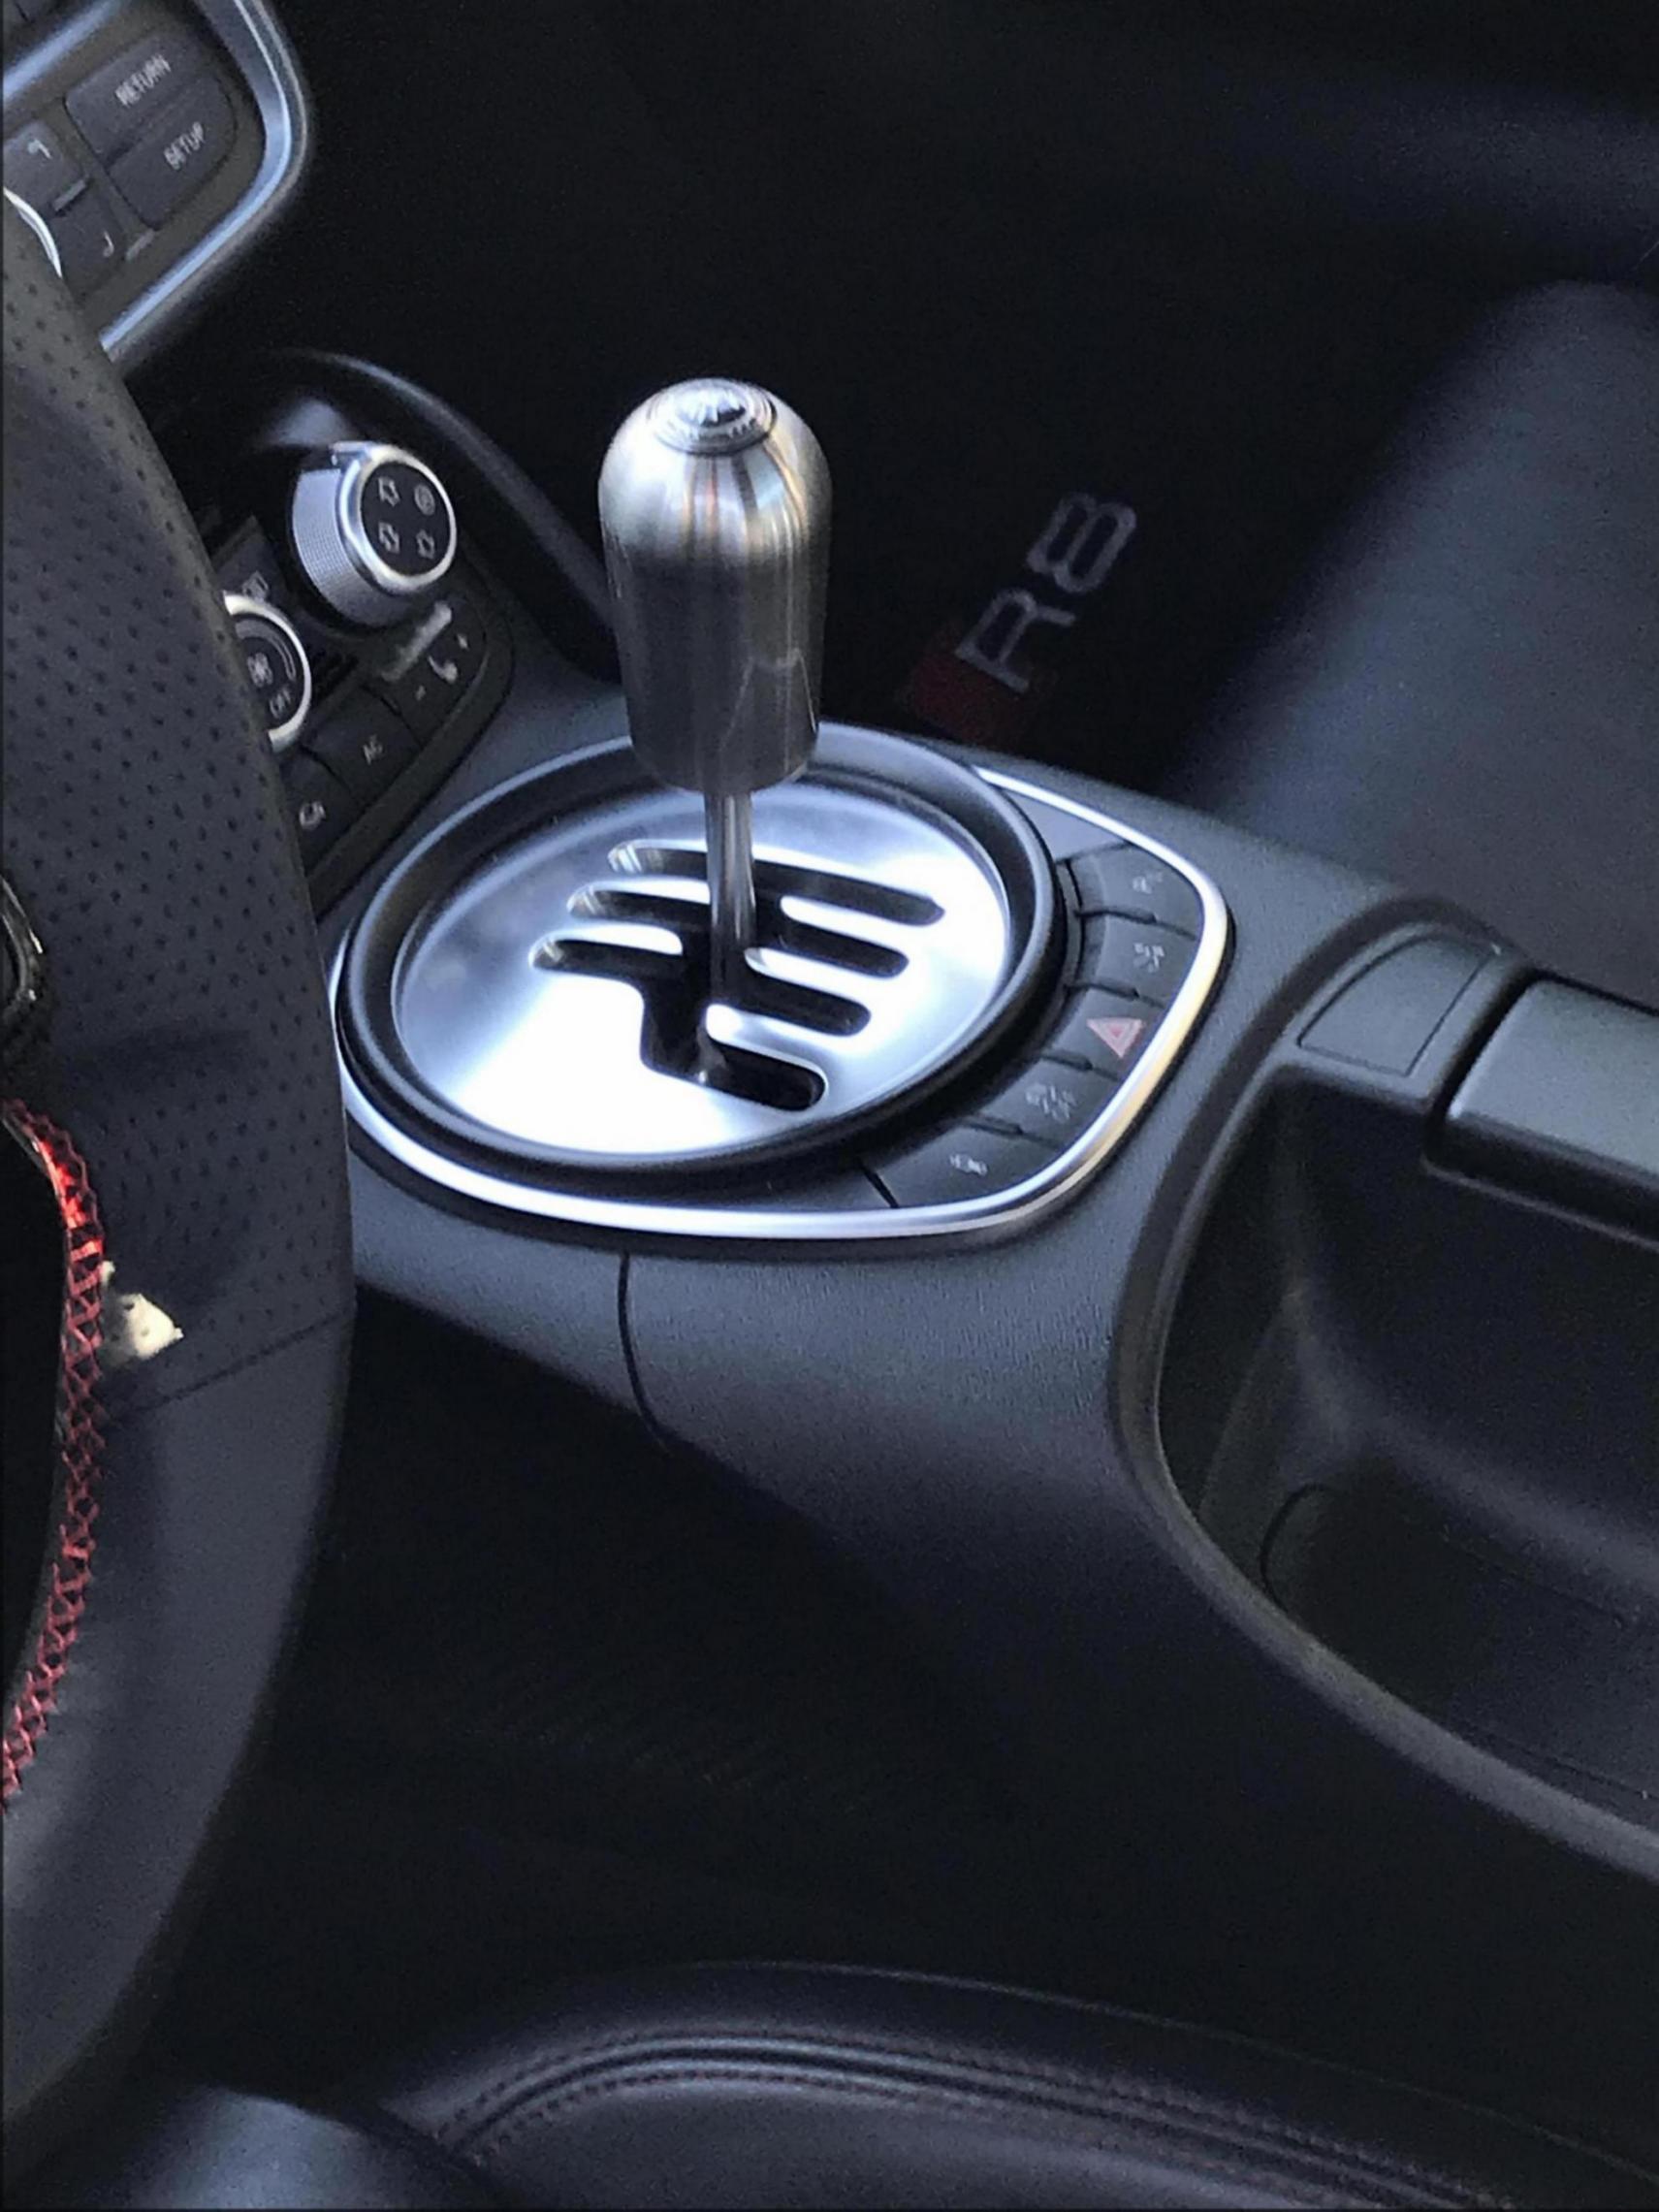 Gallardo shift knob on manual transmission R8?-a98d0312-f49d-411f-a90c-b947627e0a6a_1543821204449.jpg